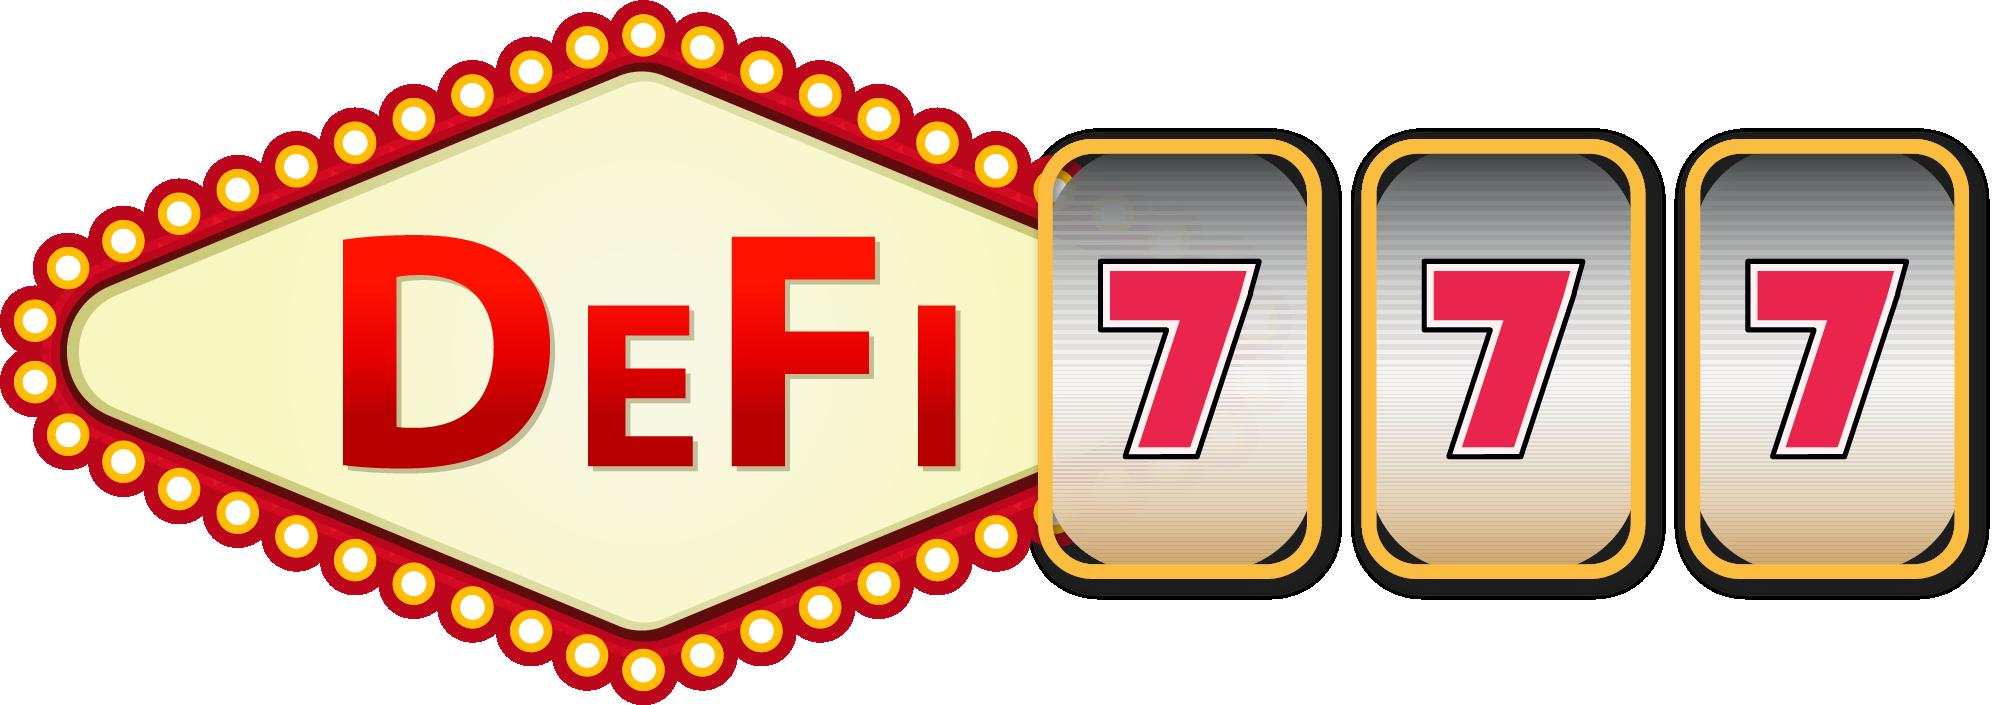 DeFi777 showcase